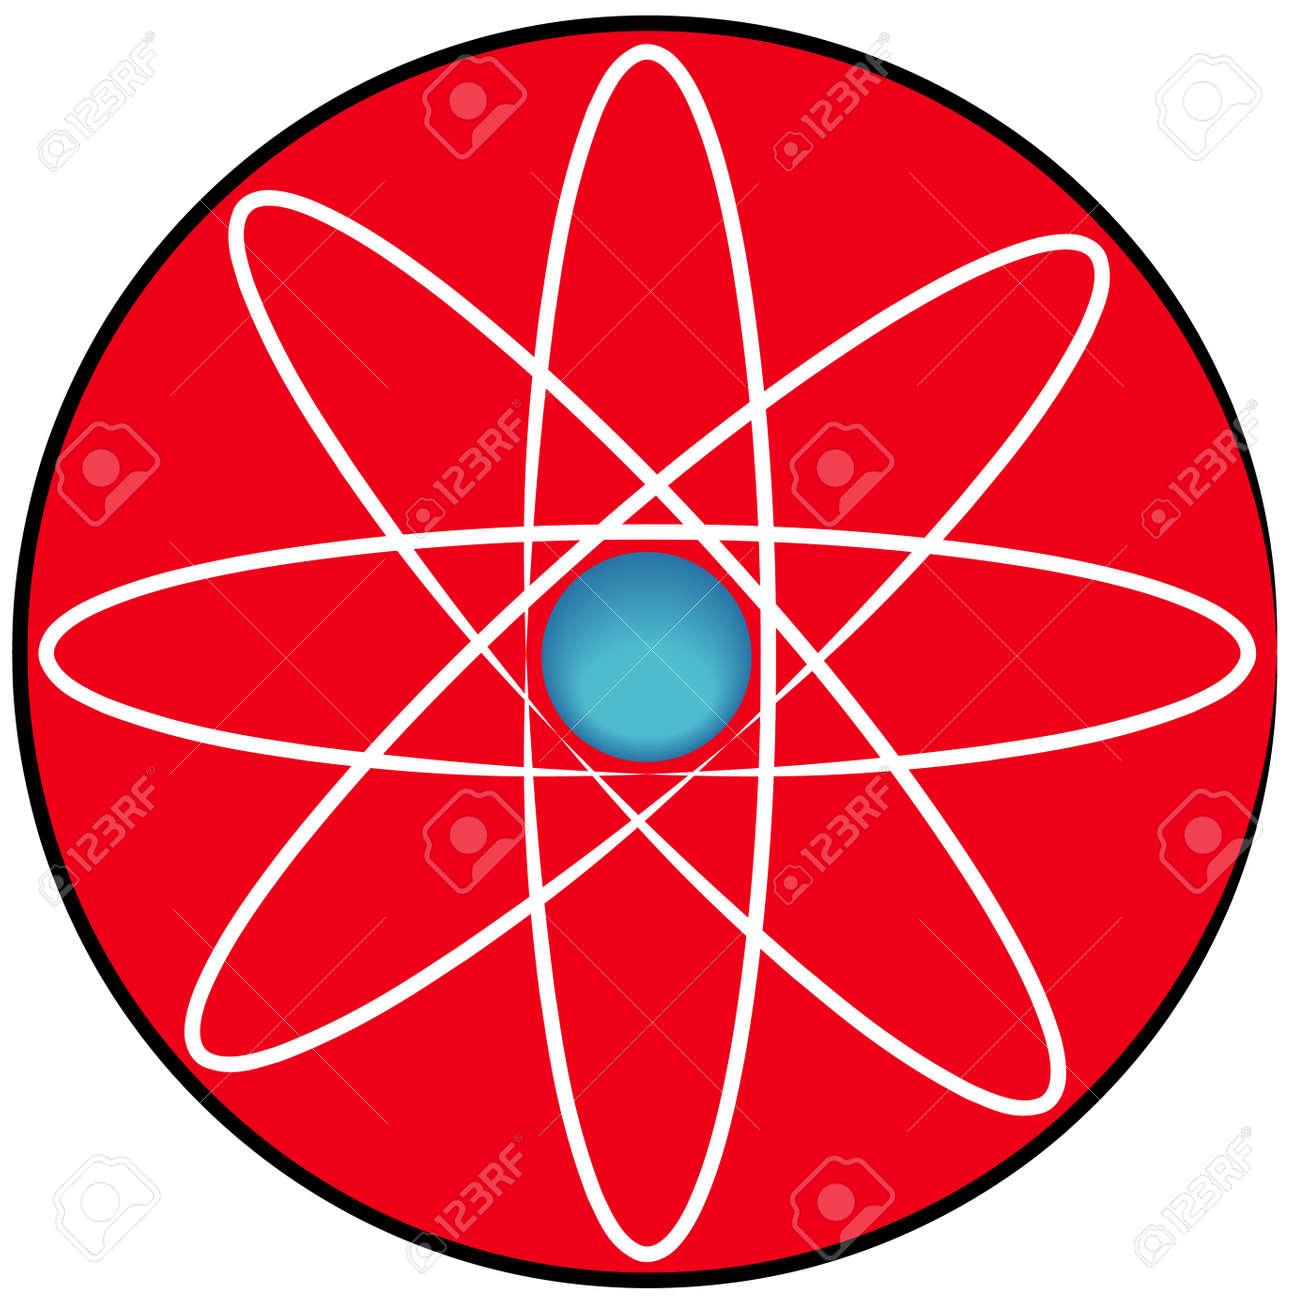 molecular atom symbol or button - vector Stock Vector - 2612515